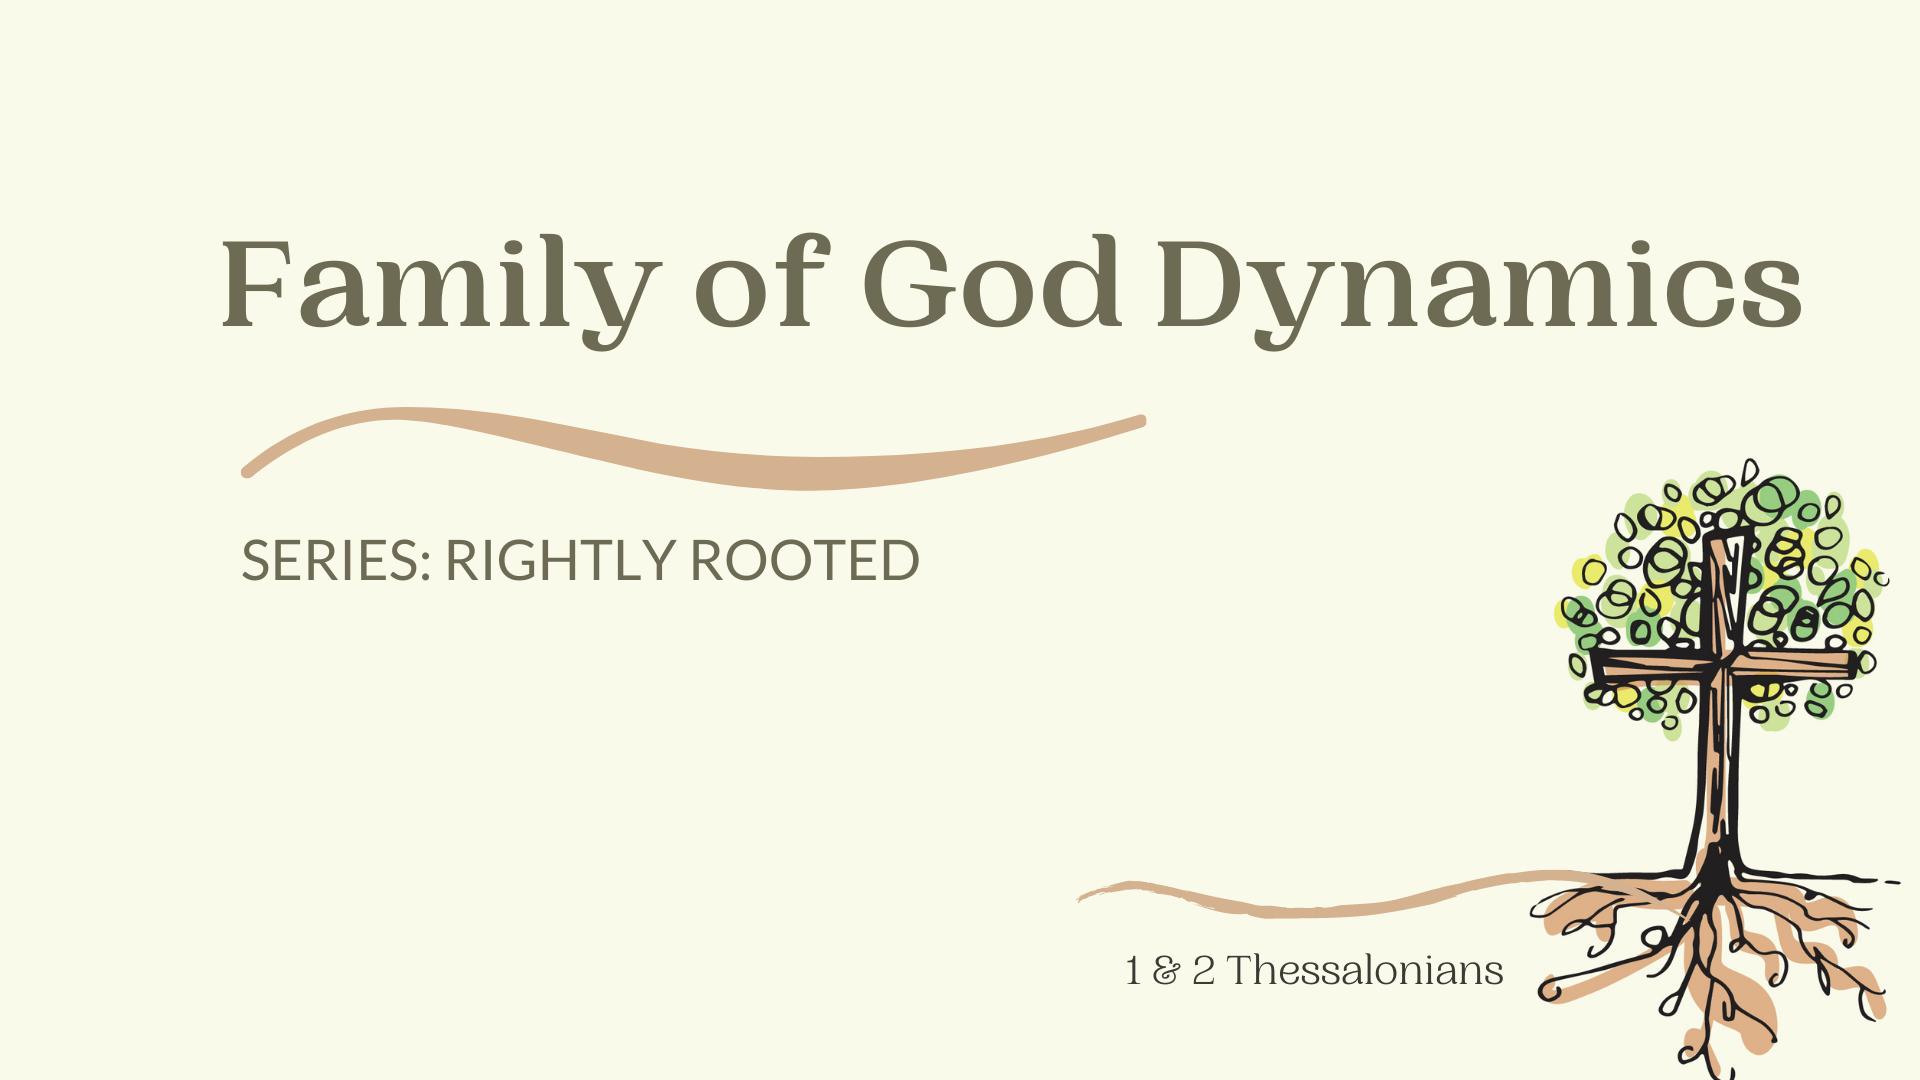 Family (of God) Dynamics